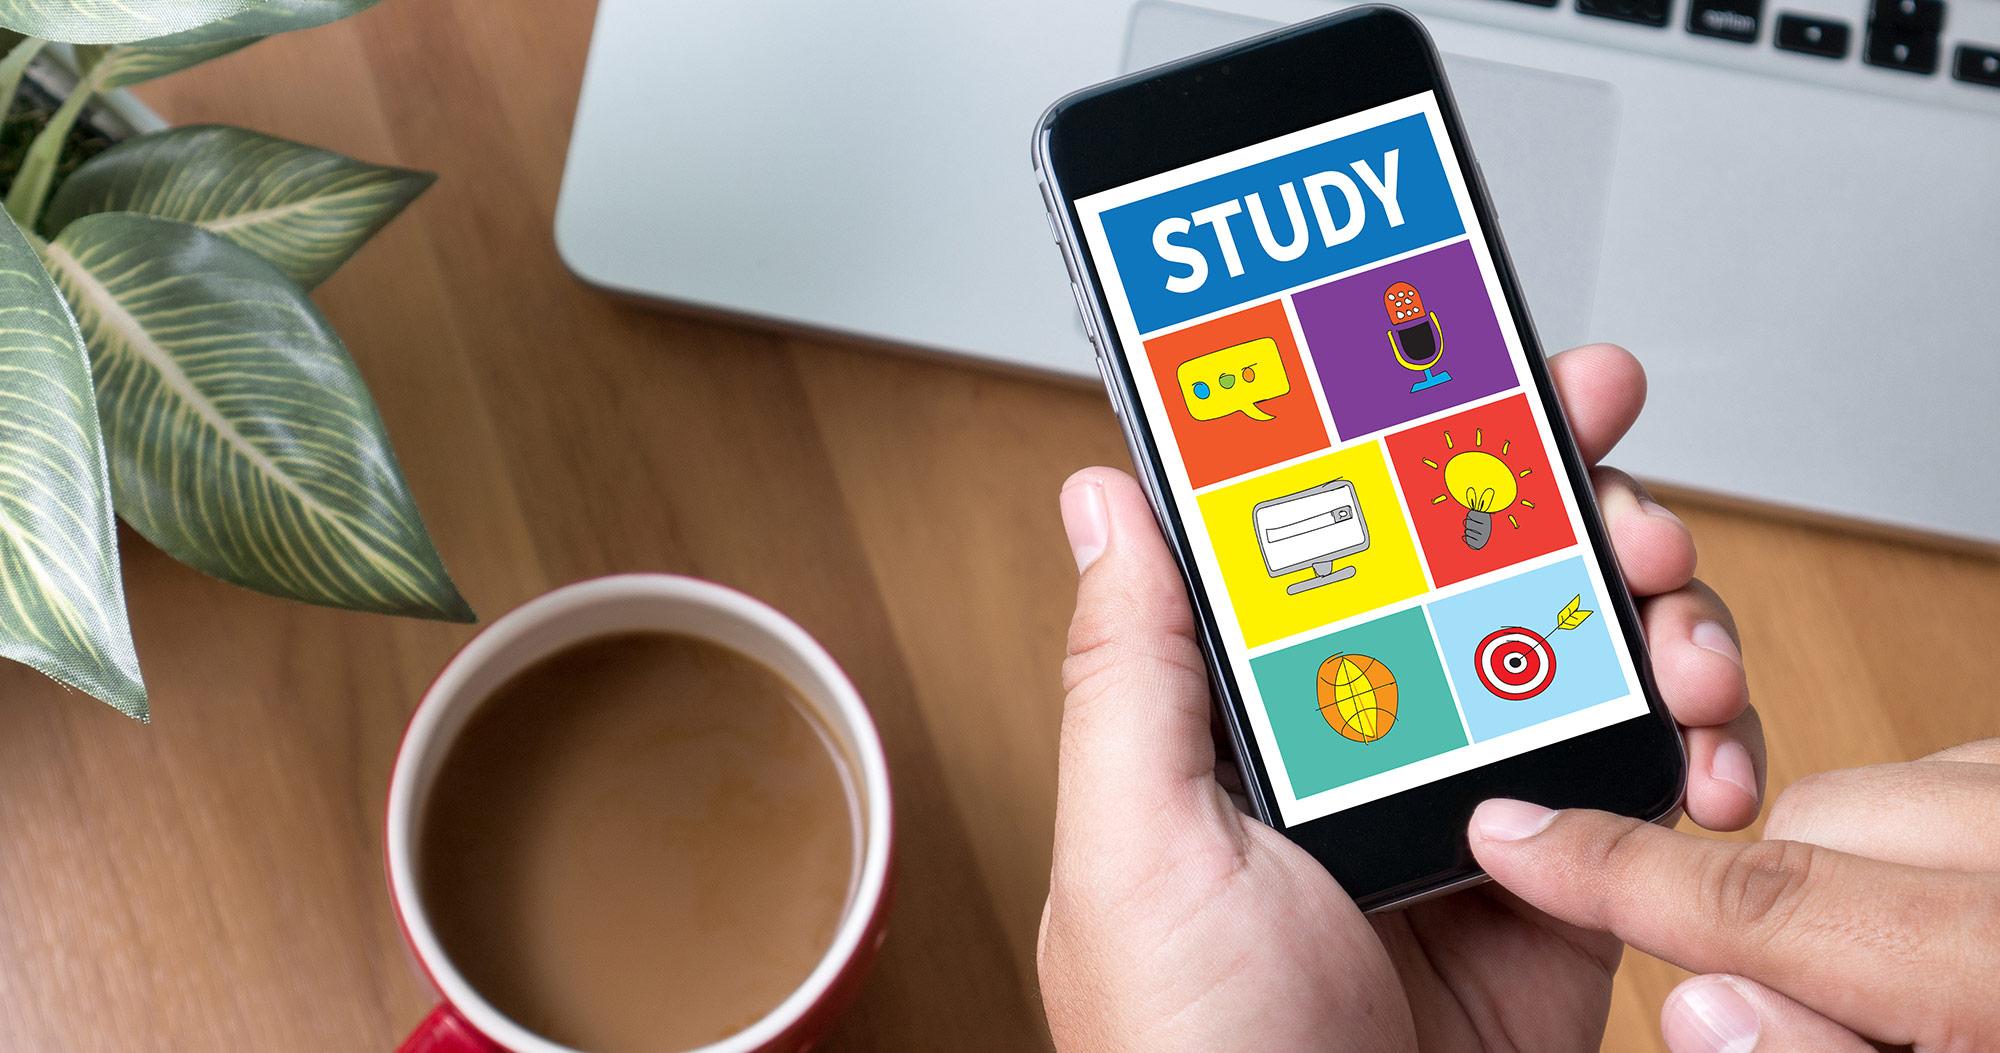 オンライン講座の学び方